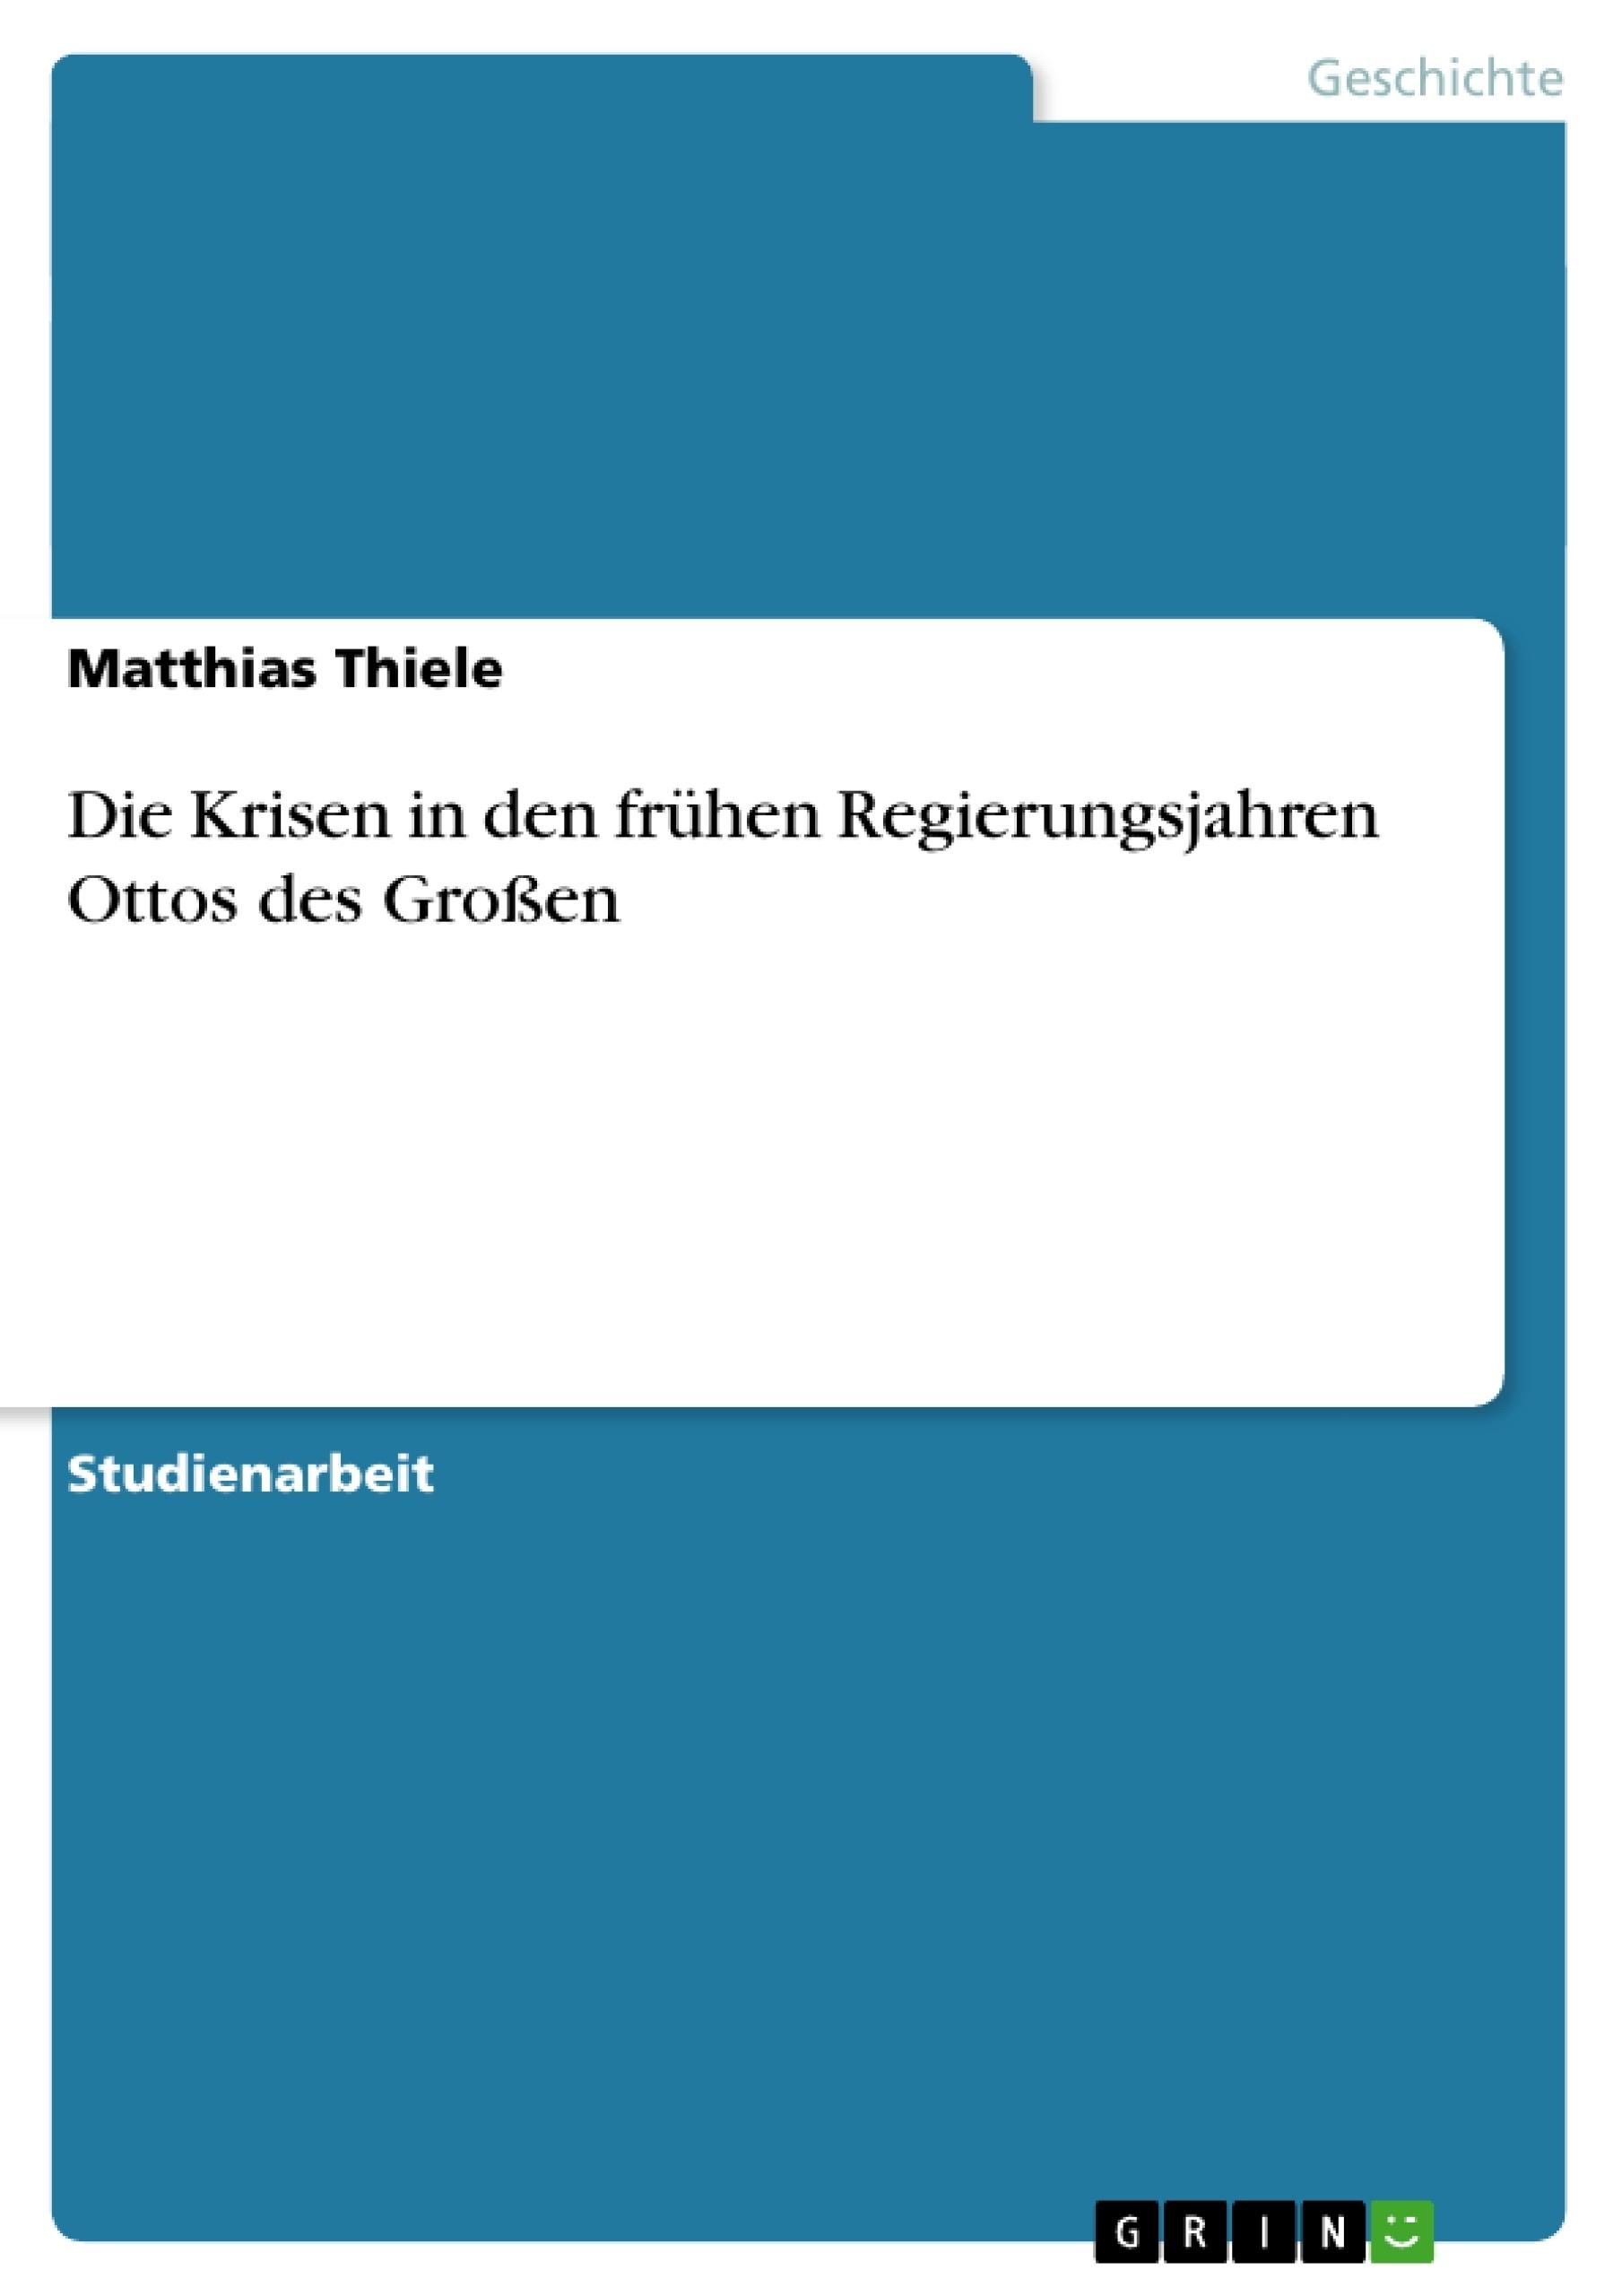 Titel: Die Krisen in den frühen Regierungsjahren Ottos des Großen